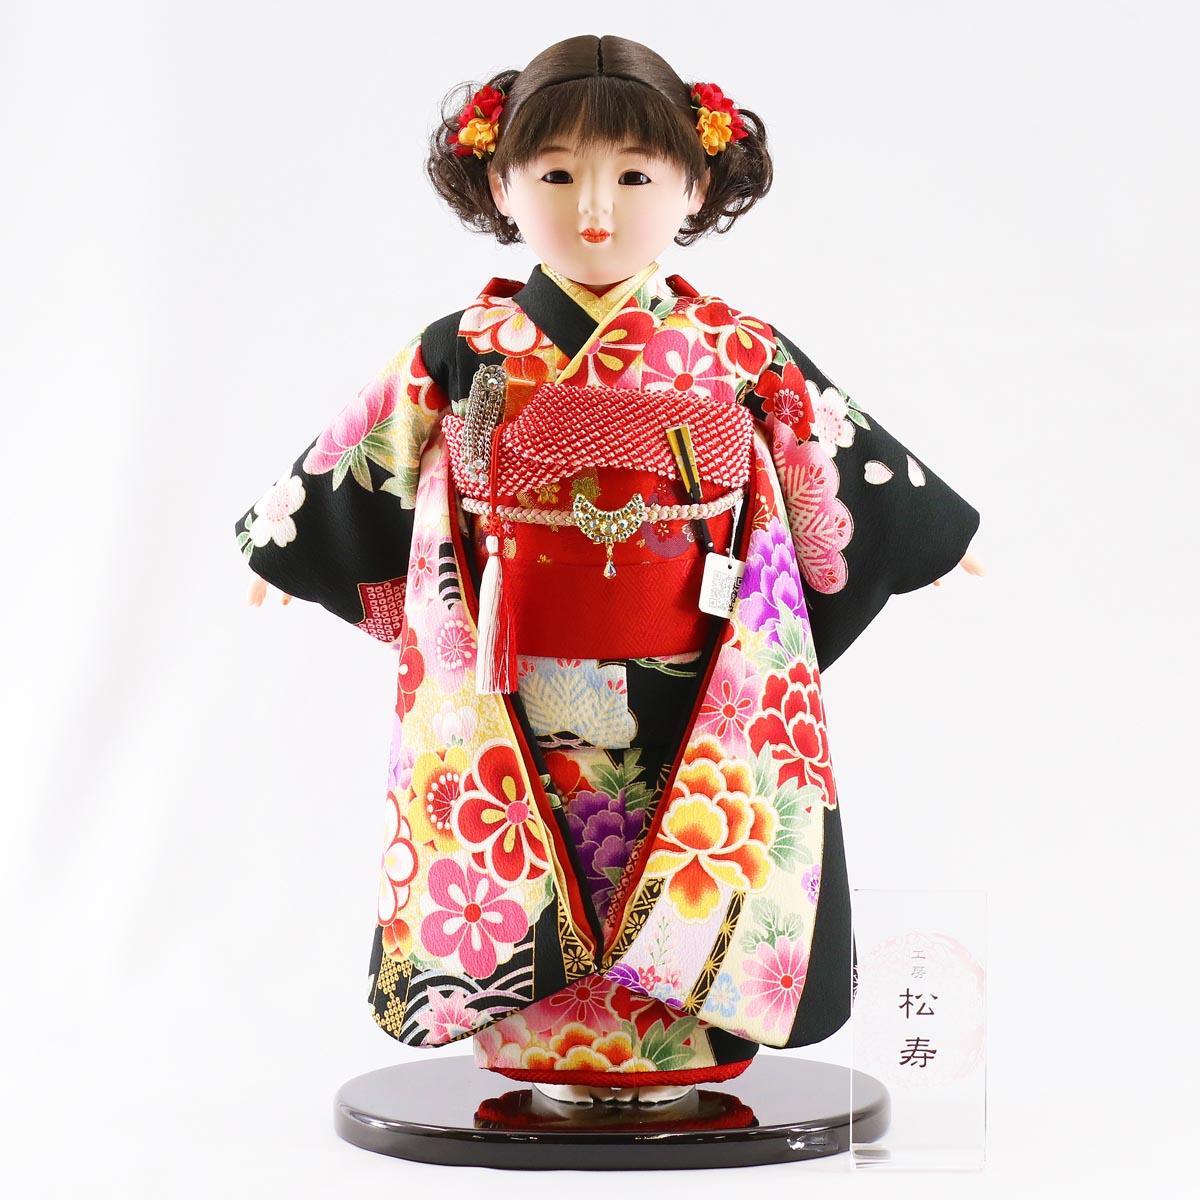 雛人形 松寿 市松人形 松寿作 市松人形 京友禅 黒 市松 ICMY-BC26017-42 (尺二)ひな人形 かわいい おしゃれ インテリア